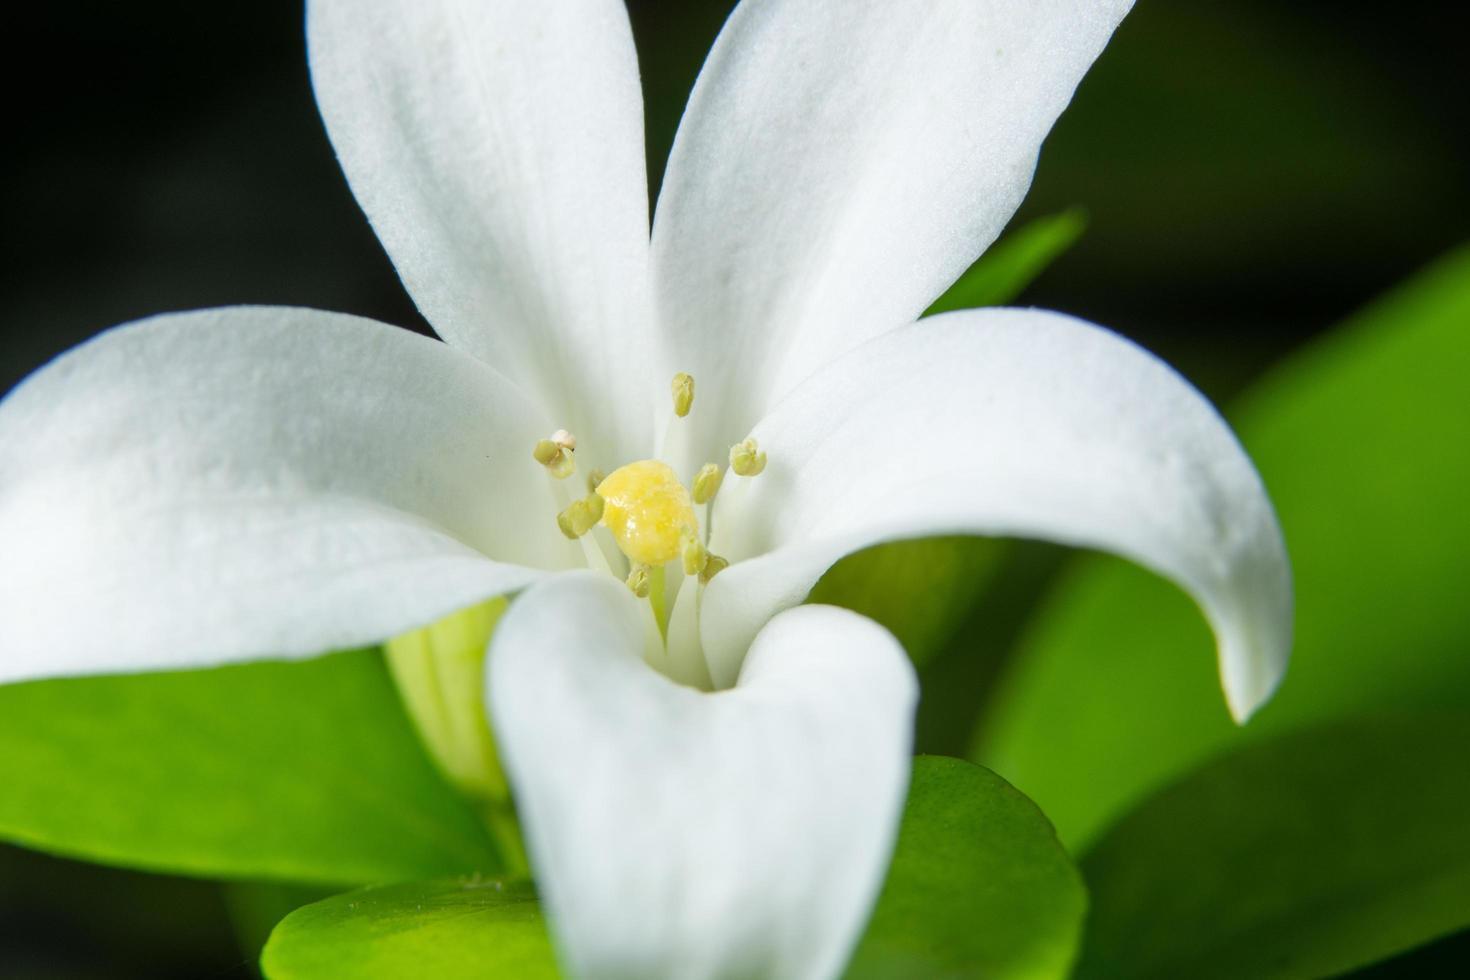 primer plano de flor blanca foto